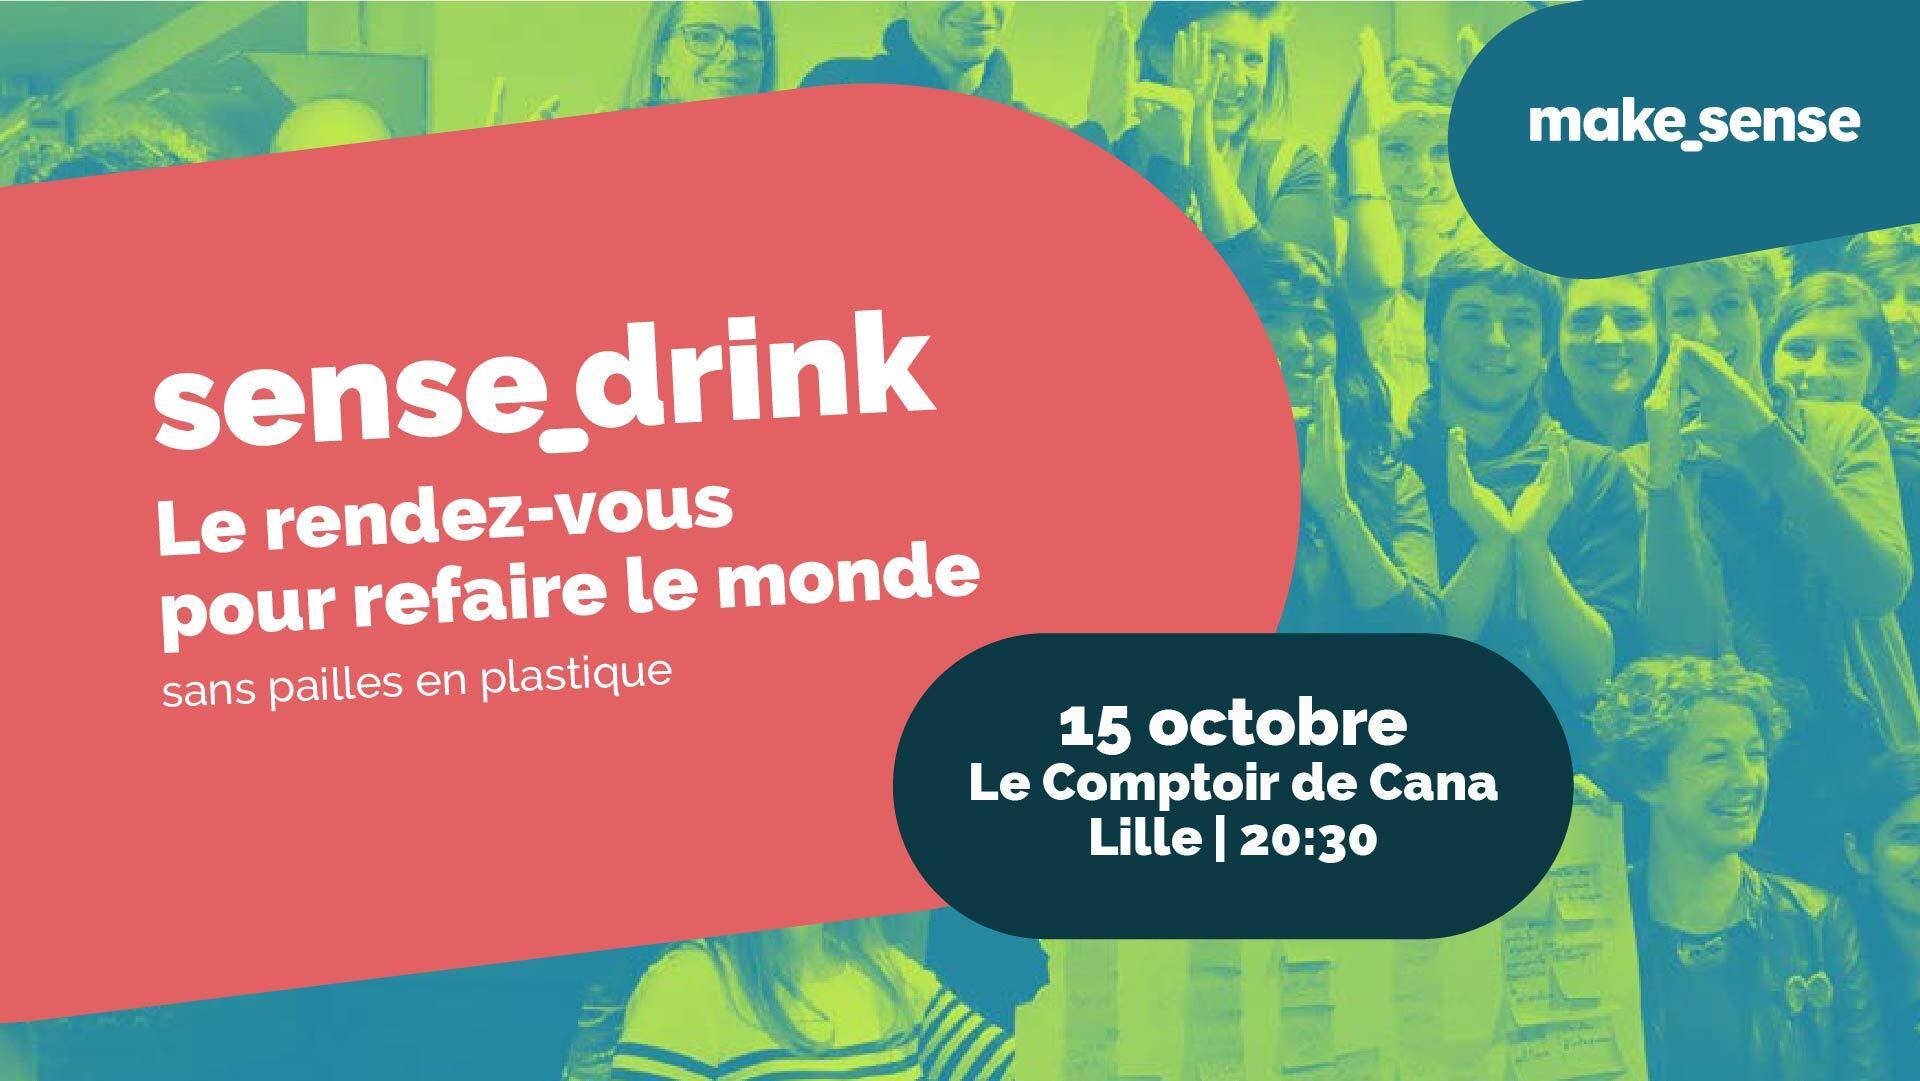 Sense_drink Lille - Le rendez-vous pour refaire le monde